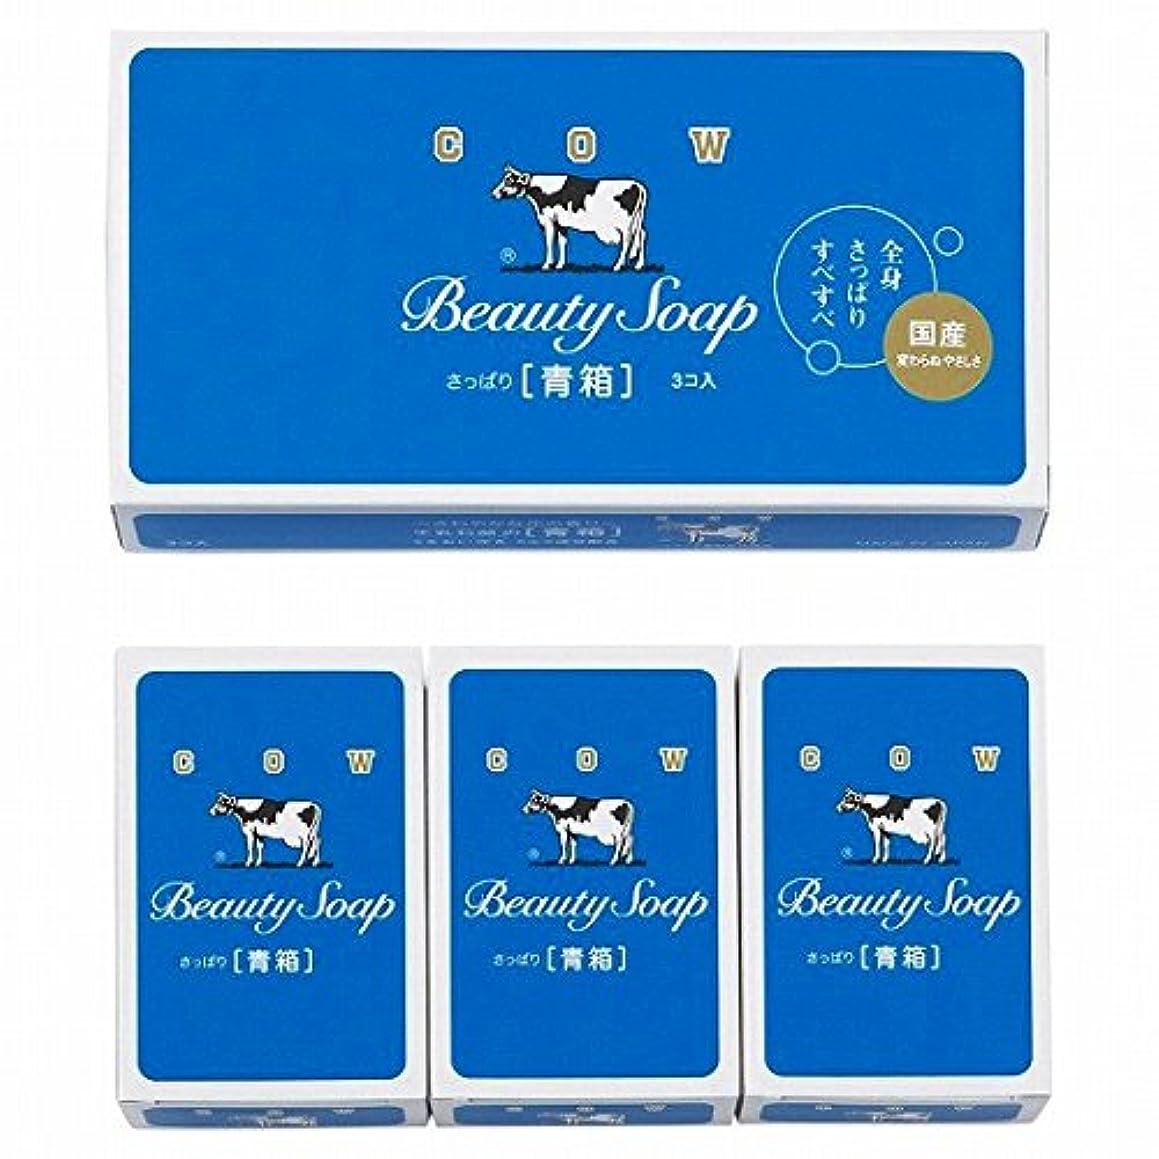 適度にレコーダー快適nobrand 牛乳石鹸 カウブランド青箱3入(B17-033)